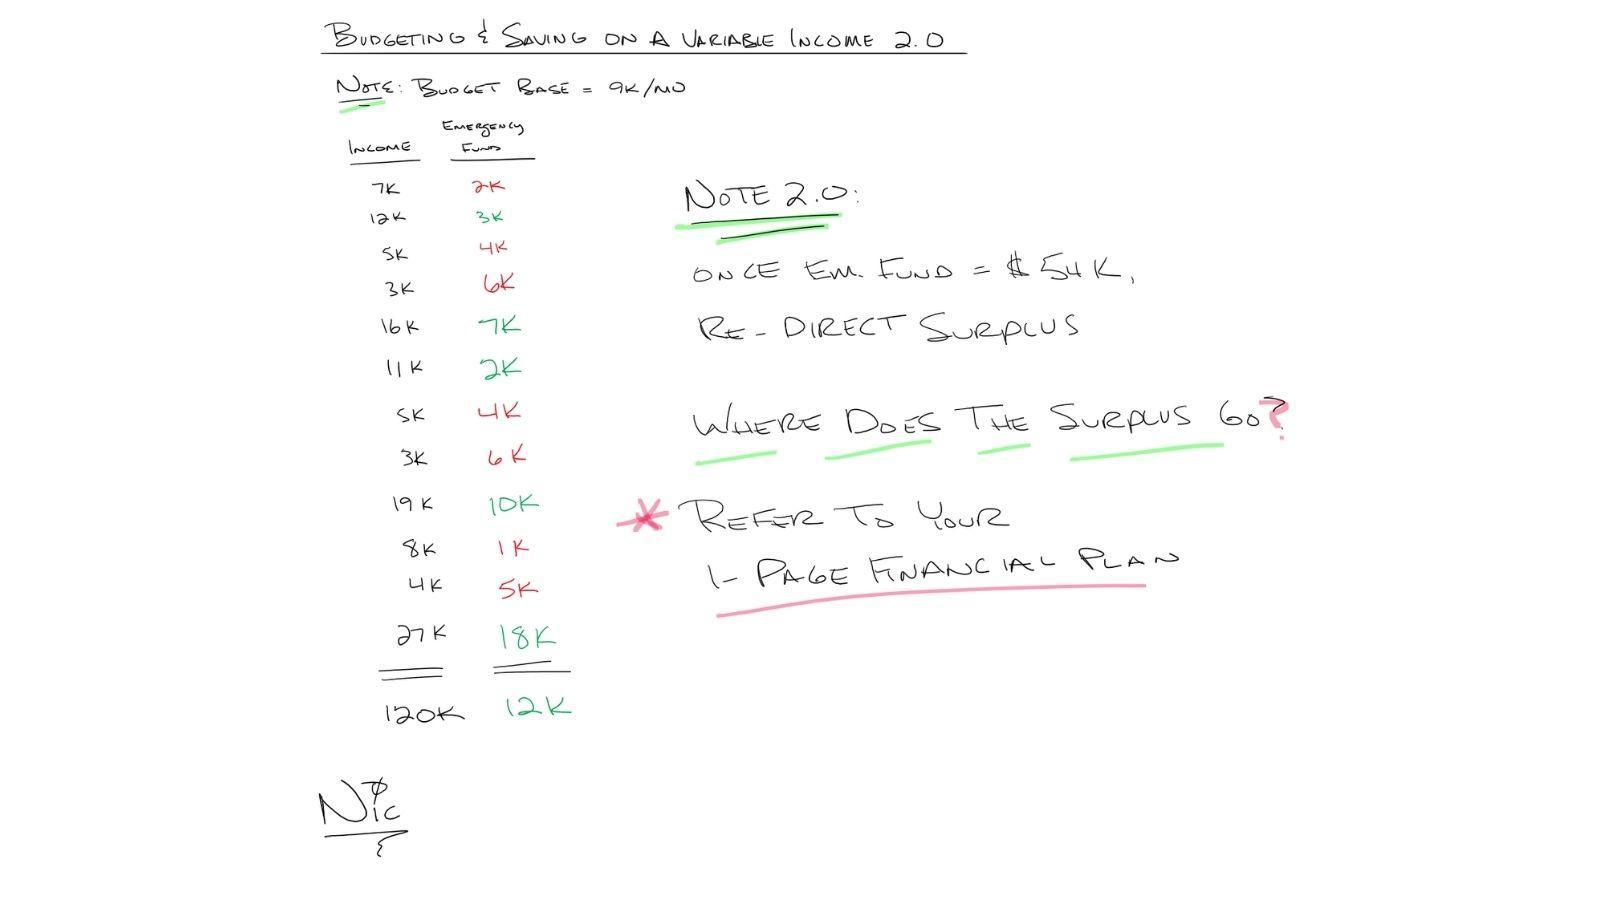 Budgeting & Saving on a Variable Income 2.0 Thumbnail